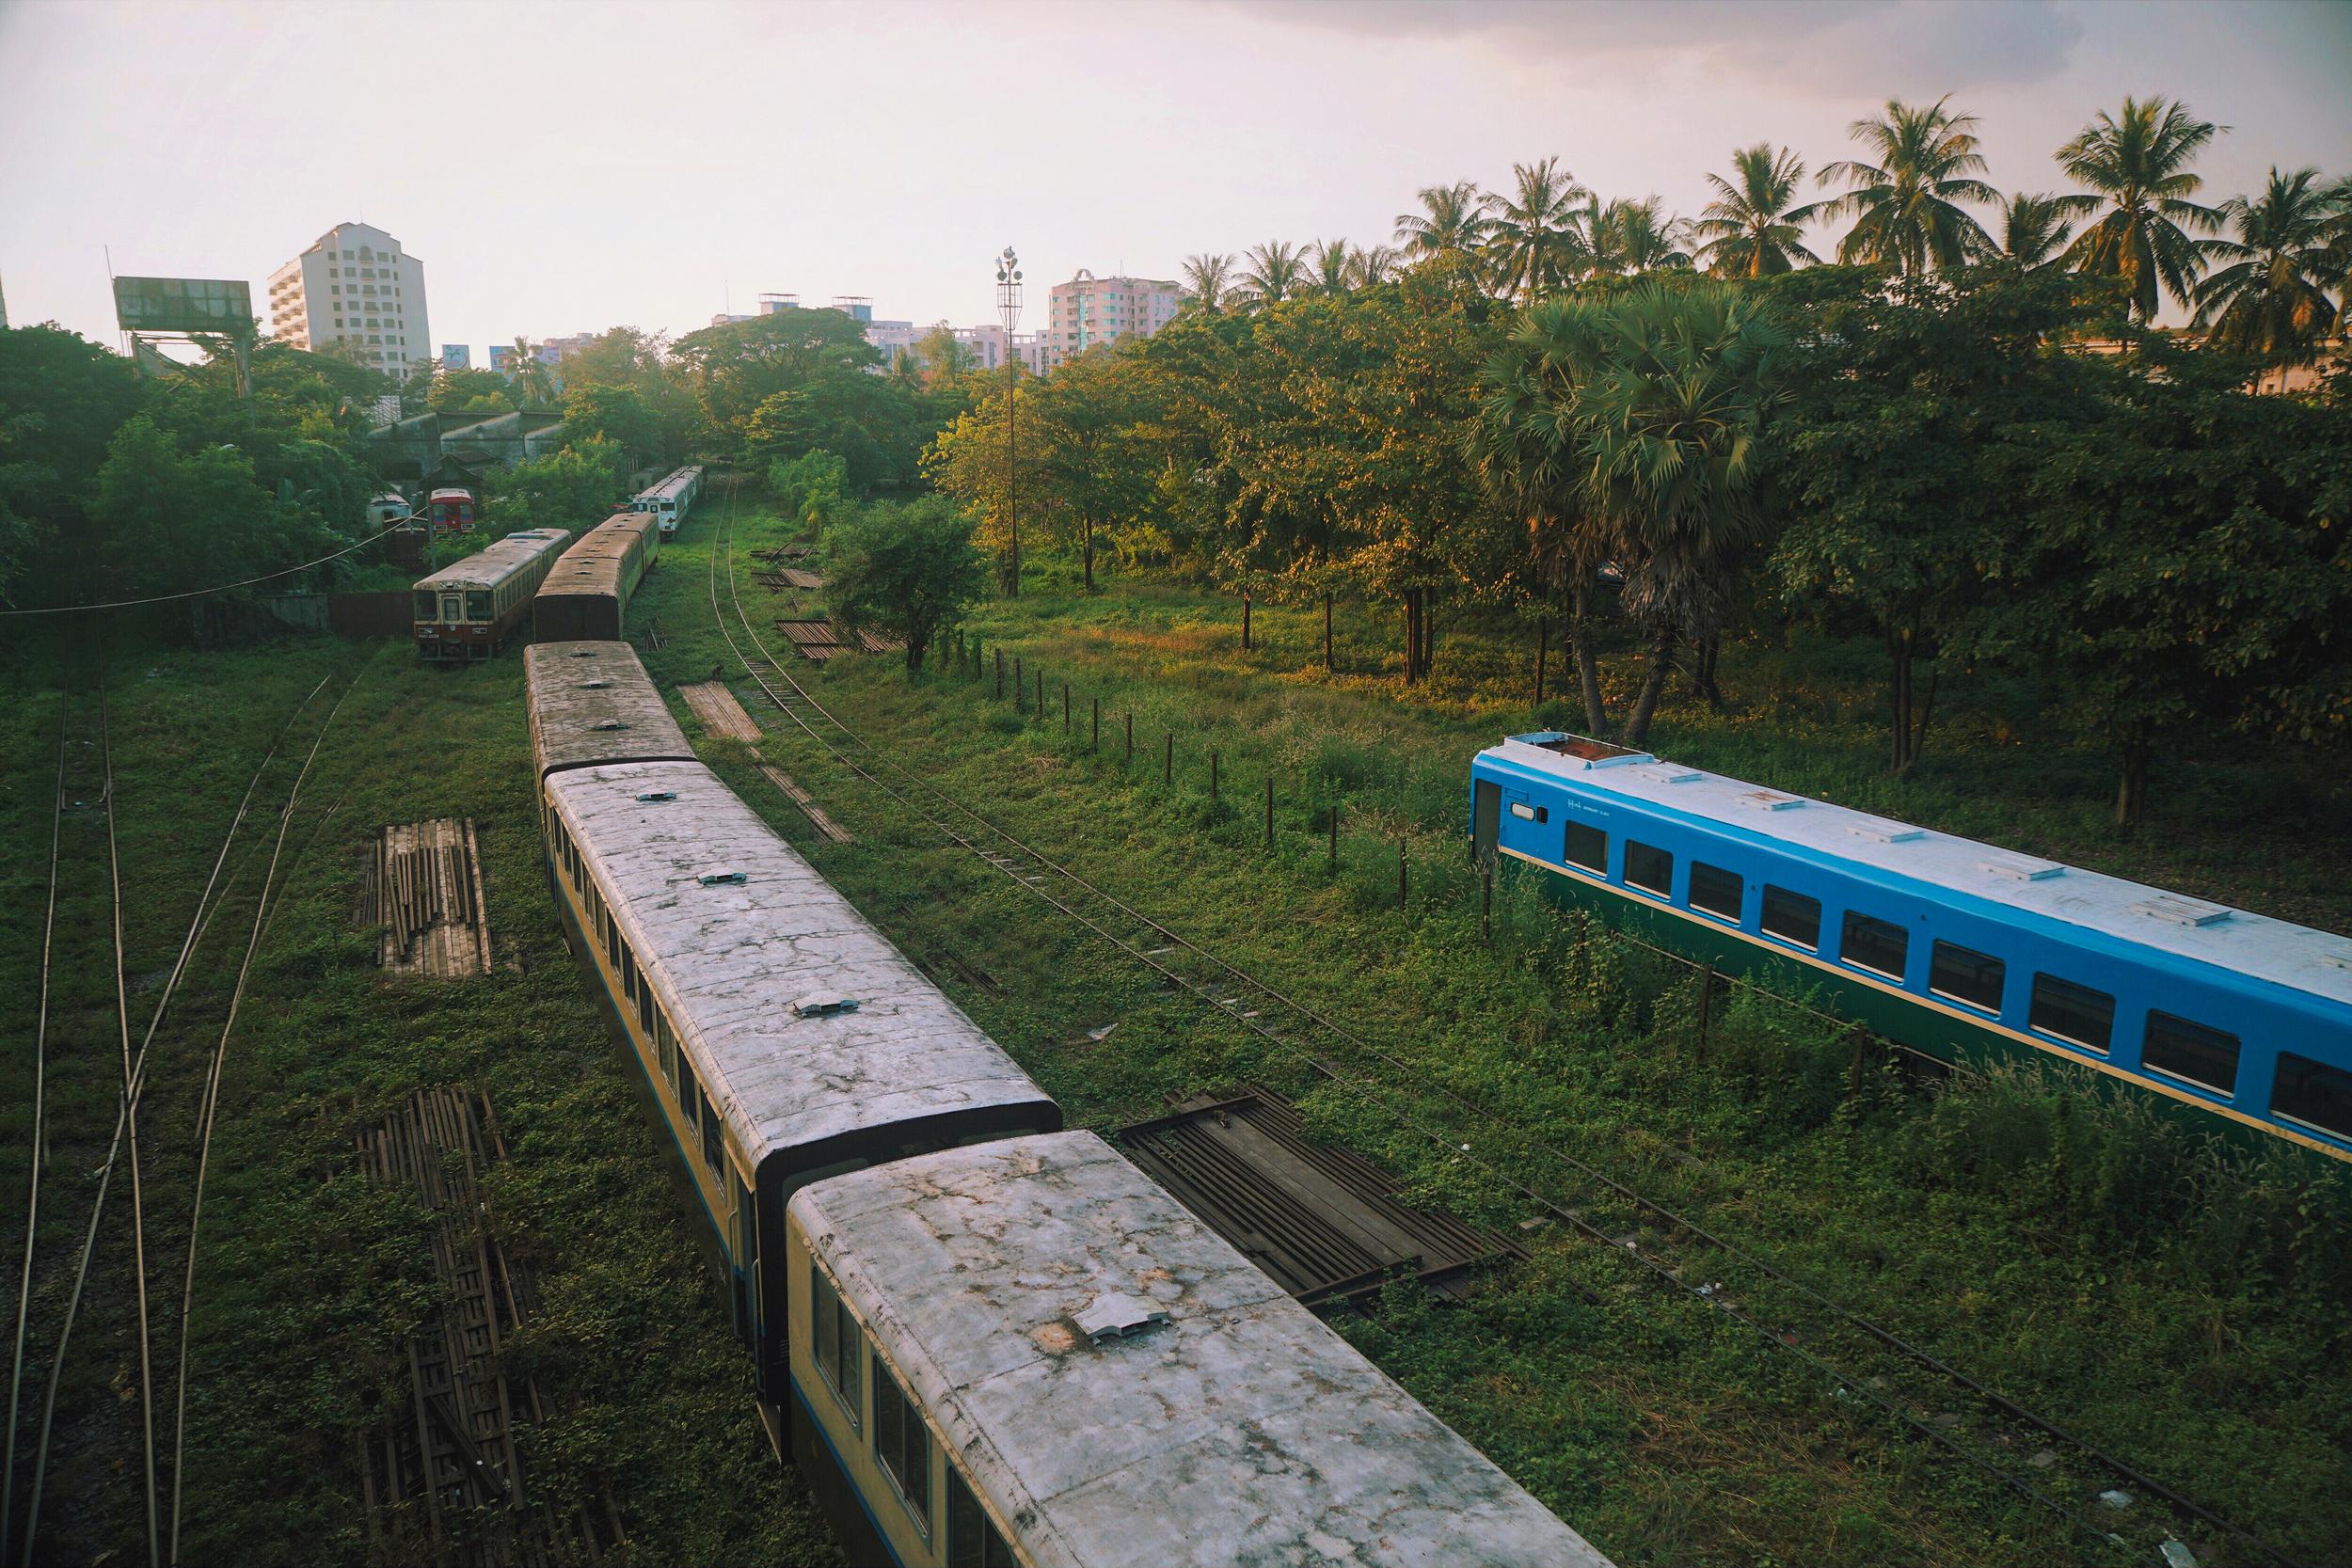 YGN-5_TrainWide-1-Edit1.jpg